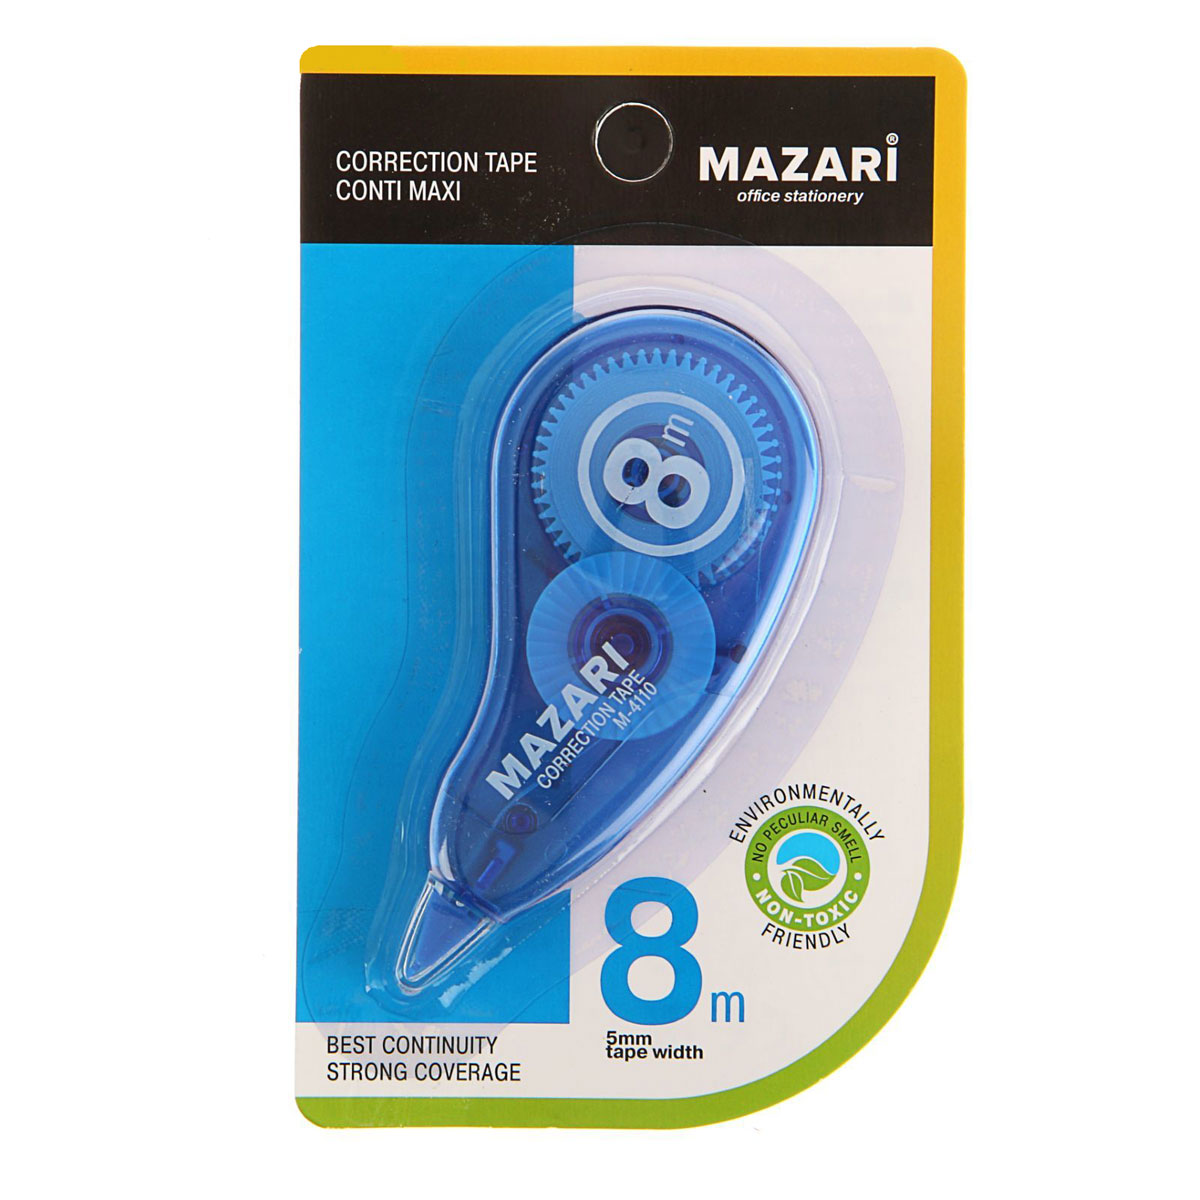 Mazari Корректирующая лента-роллер Conti Maxi 5 мм x 8000 мм цвет синийFS-00103Корректирующая лента- роллер Mazari Conti Maxi предназначена для корректировки текста на любом виде бумаги.Имеет эргономичный корпус, высокую укрывистость. Не имеет запаха.